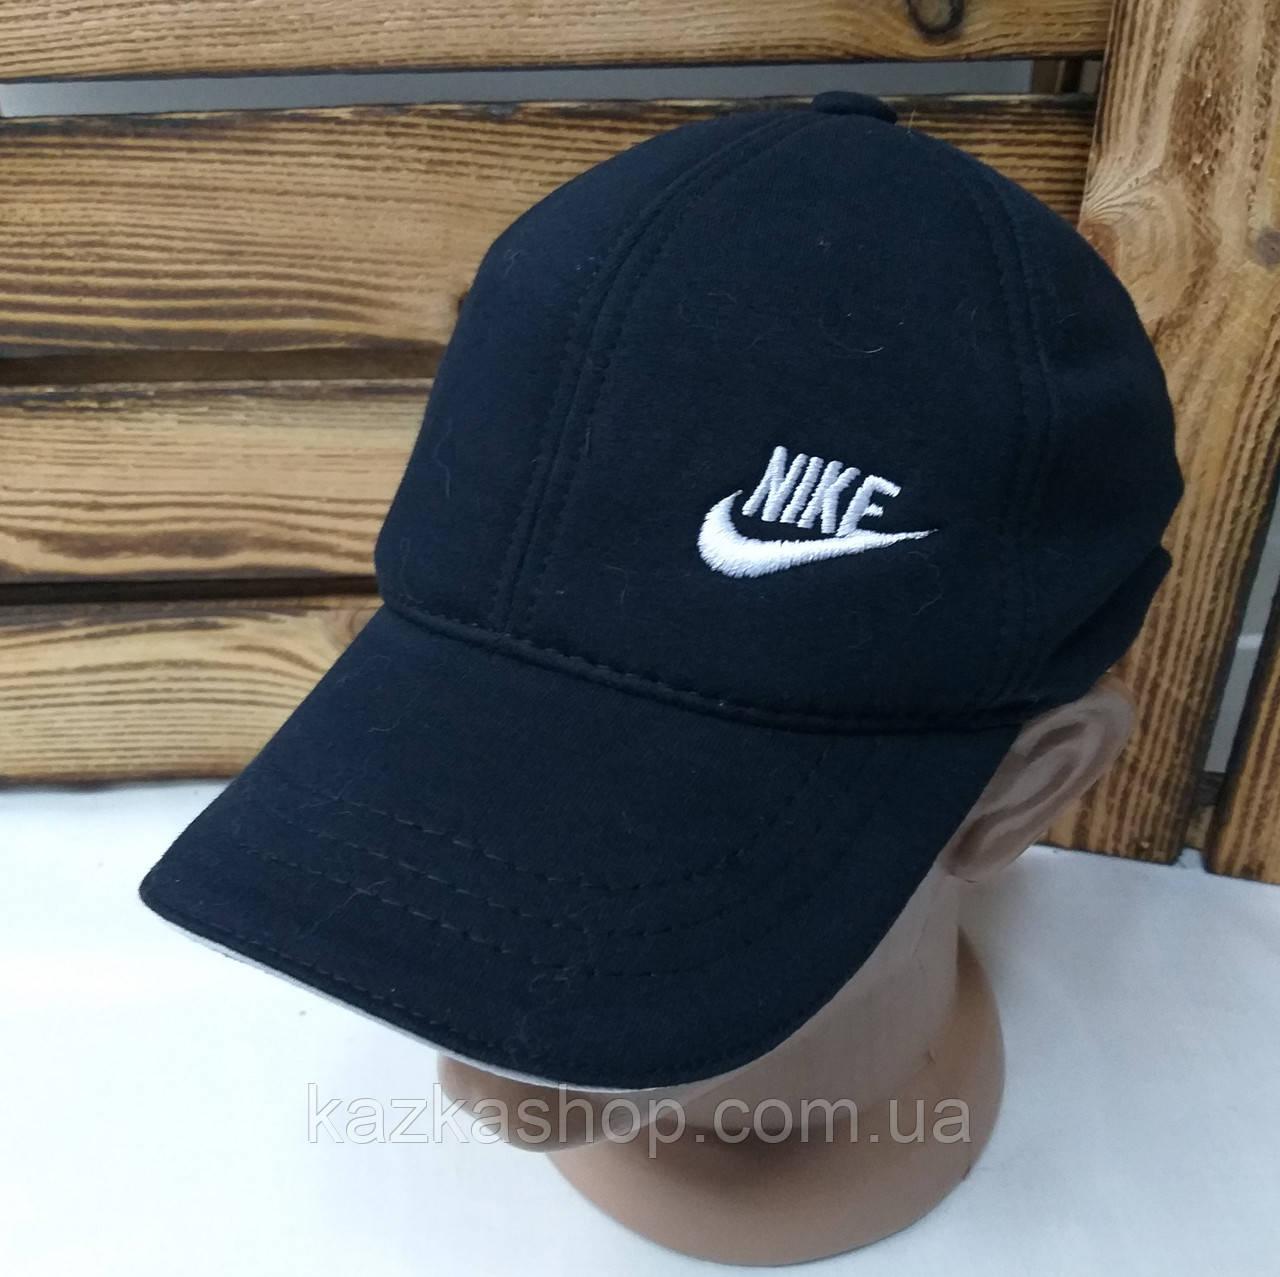 Мужская кепка темно-синего цвета, с вышивкой в стиле Nike (реплика), малая вышивка, трикотаж, на резинке